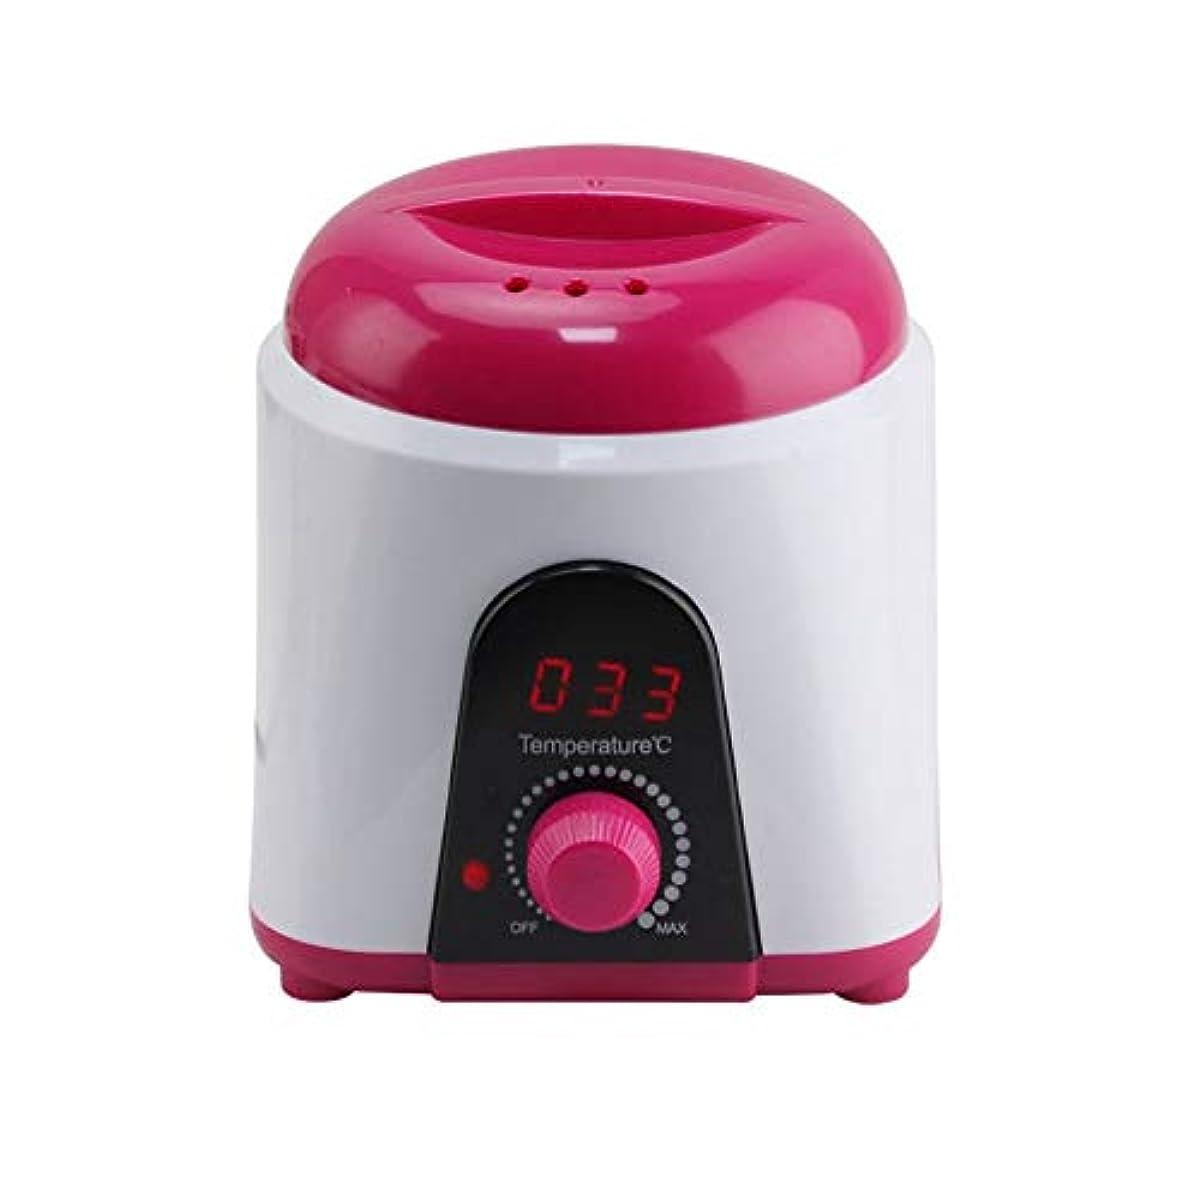 いたずらな有罪離れた調節可能な温度のワックスマシン、女性および男性500CCのための多機能の家のワックスが付いている毛の取り外しのための専門の電気ワックスのウォーマーのヒーターのメルター